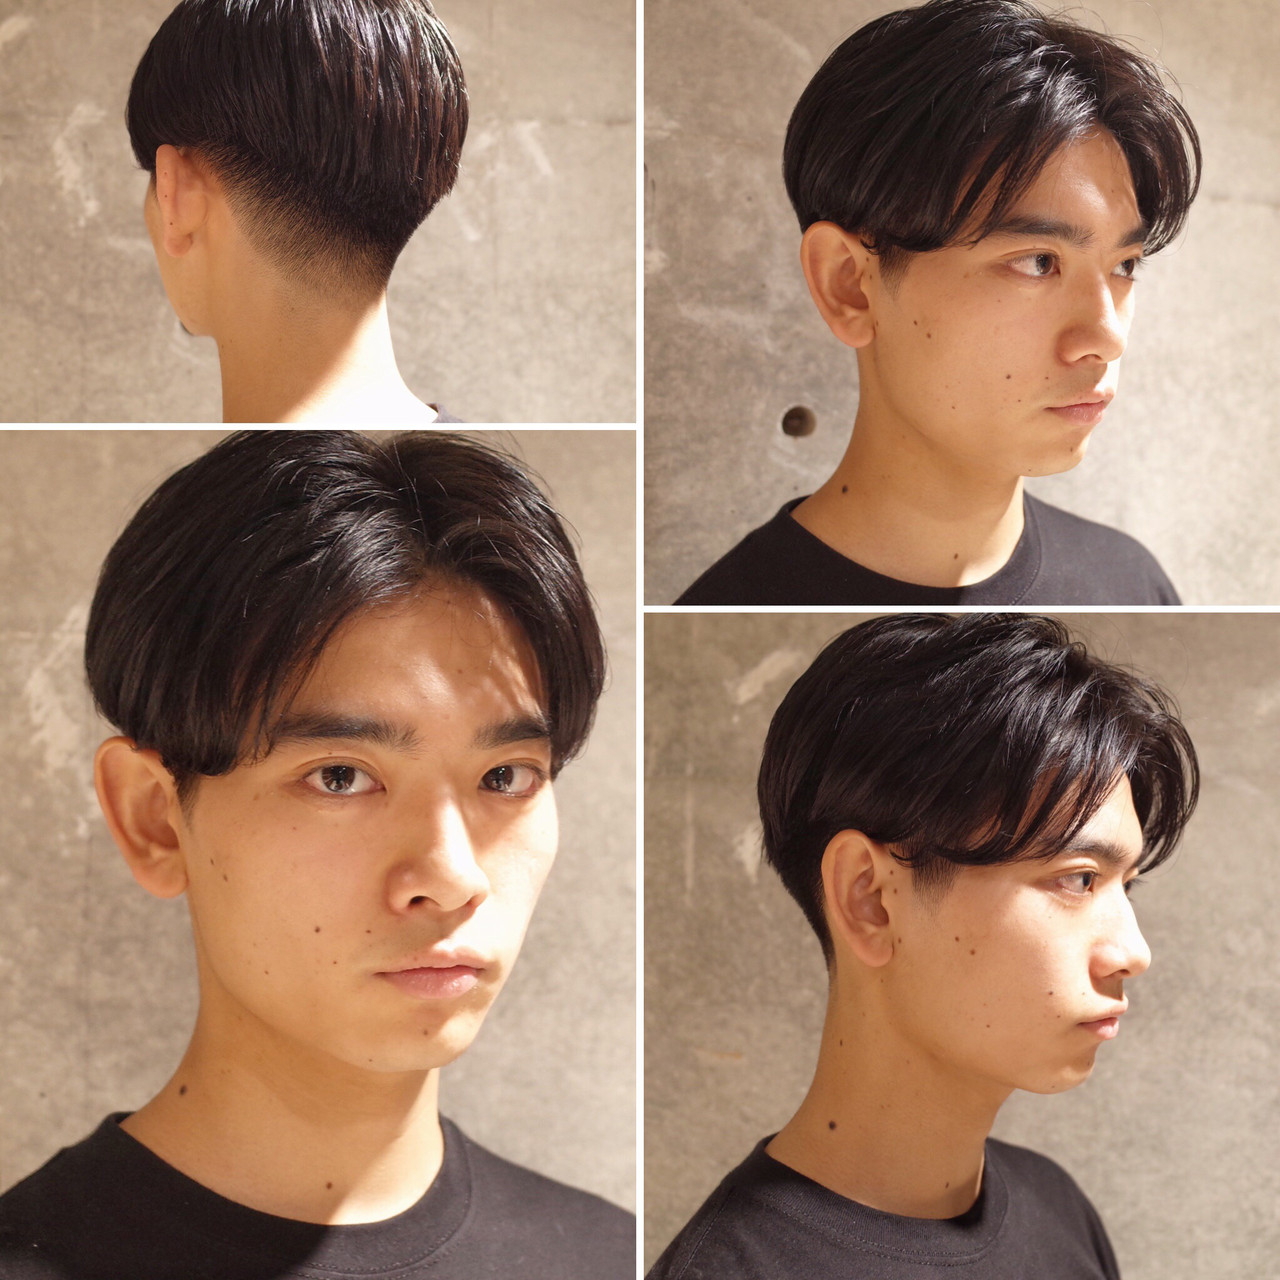 メンズ ショート ストリート メンズヘア ヘアスタイルや髪型の写真・画像 | 刈り上げ・2ブロック専門美容師 ヤマモトカズヒコ / MEN'S GROOMING SALON AOYAMA by kakimoto arms